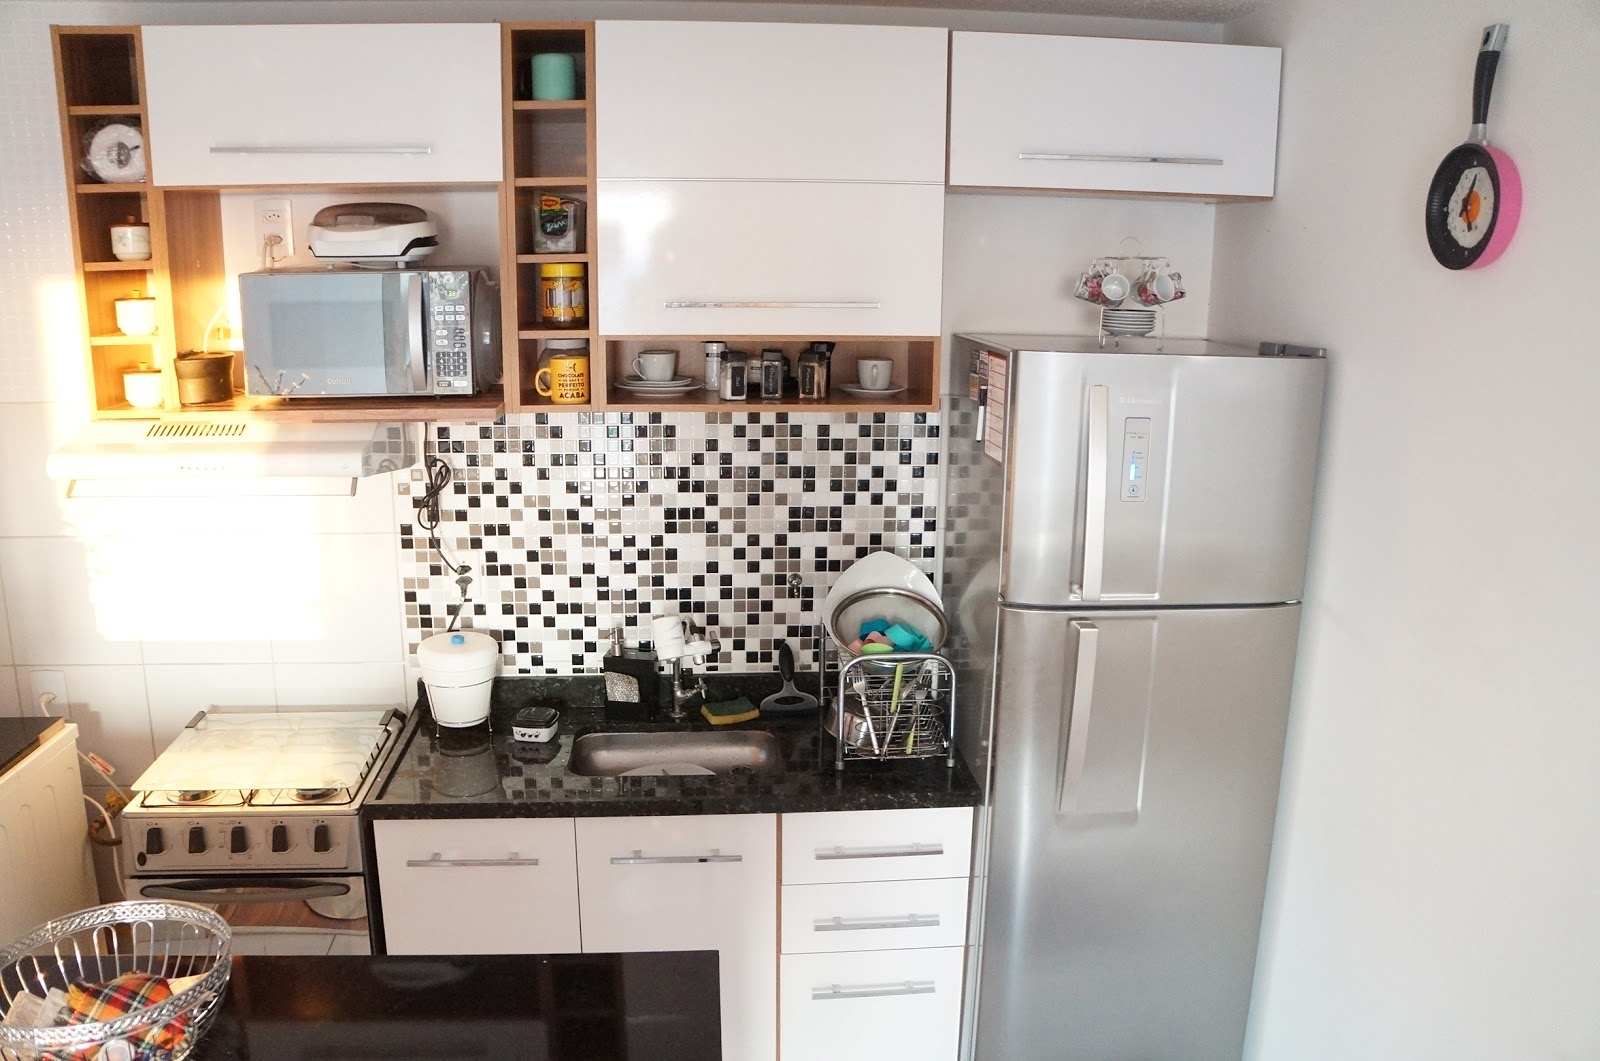 Wibamp Com Pia De Cozinha Casas Bahia Id Ias Do Projeto Da